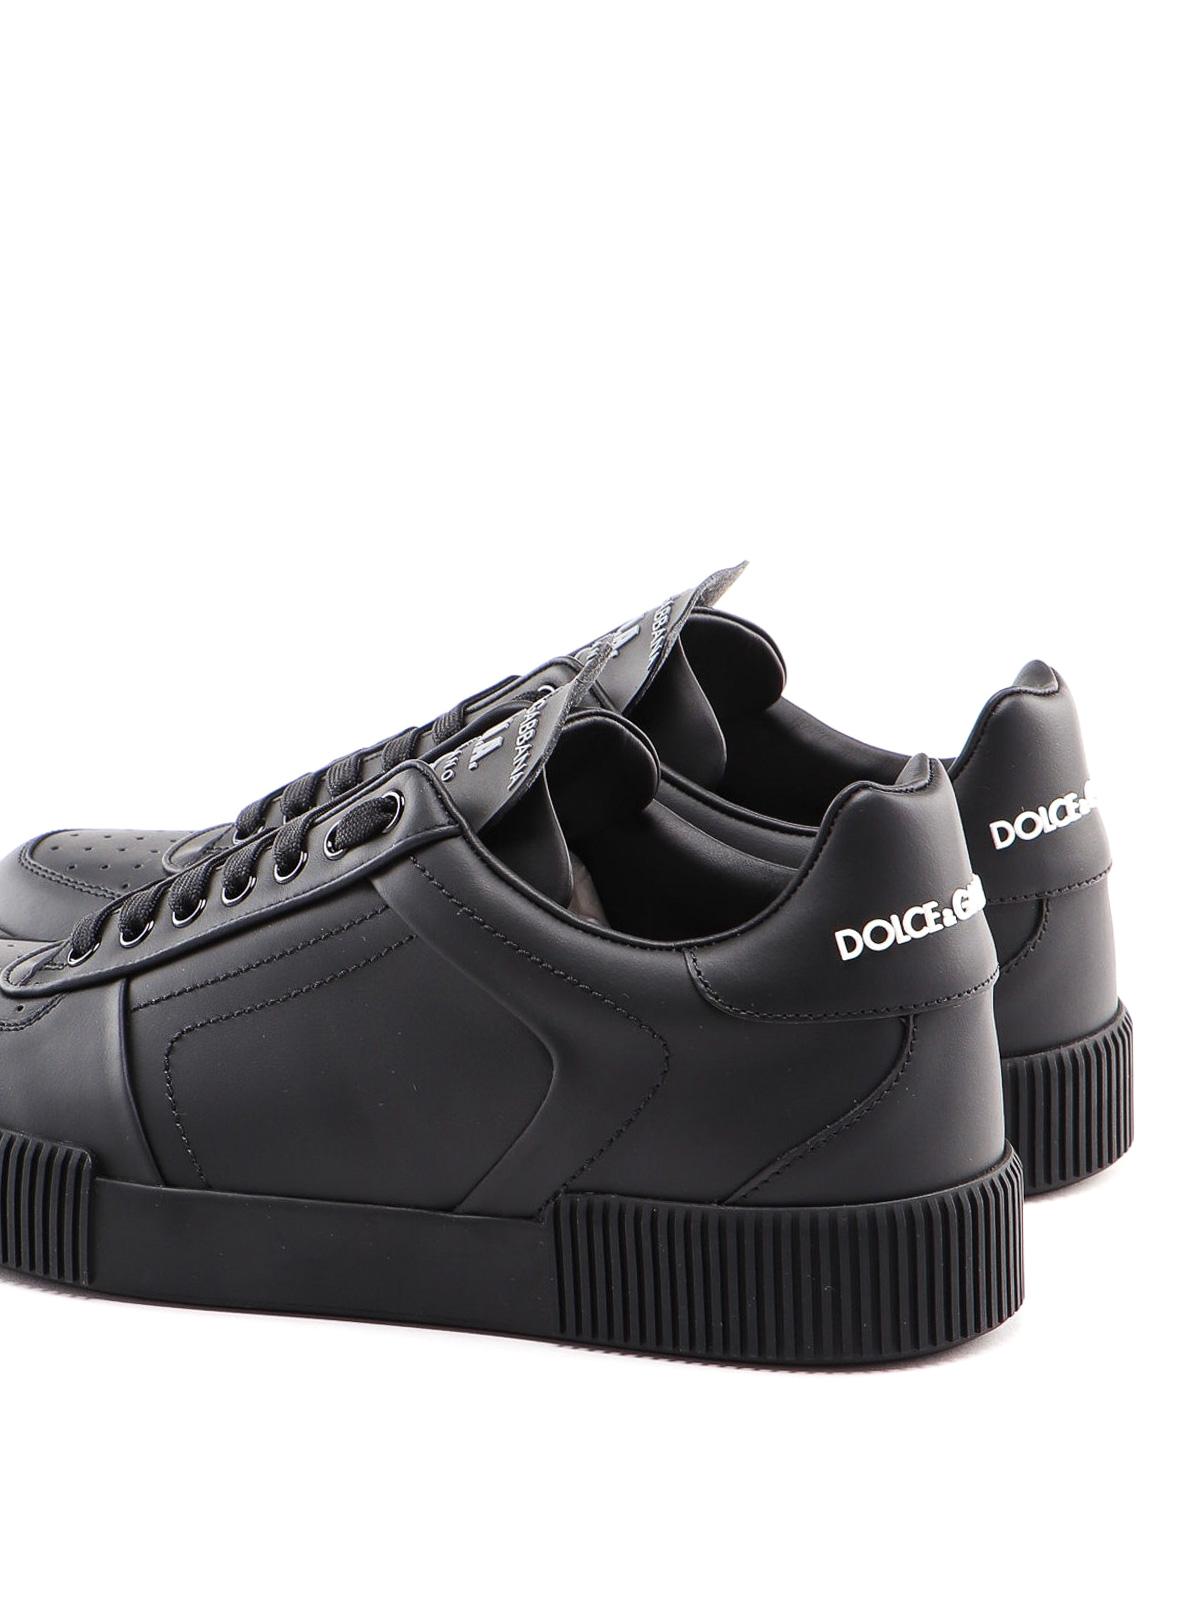 Dolce \u0026 Gabbana - Portofino black